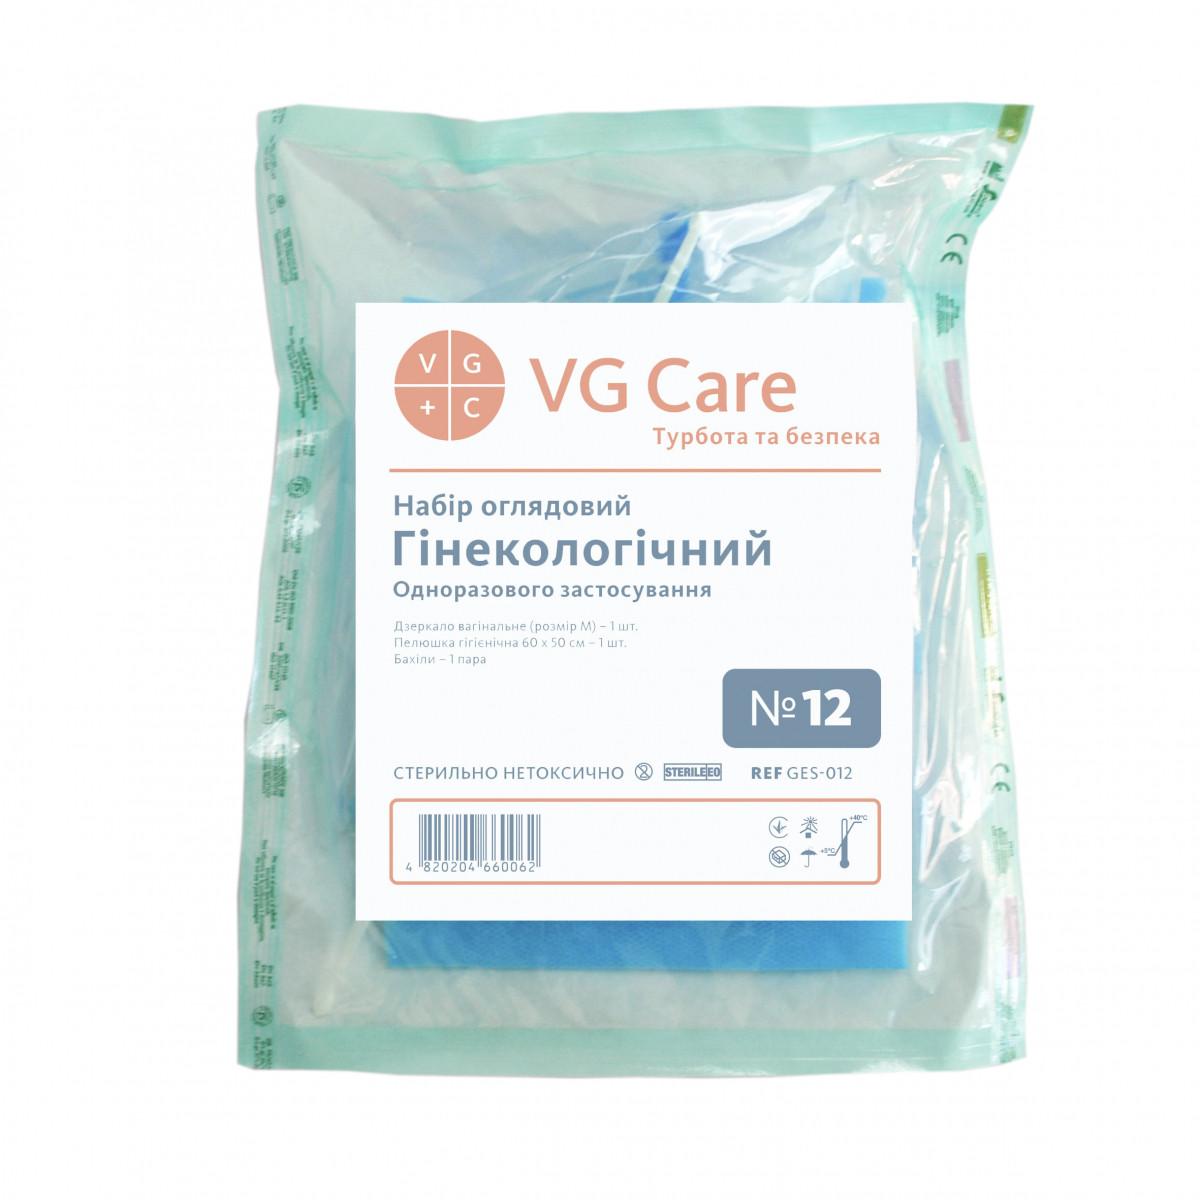 Набір гінекологічний VG Care №12